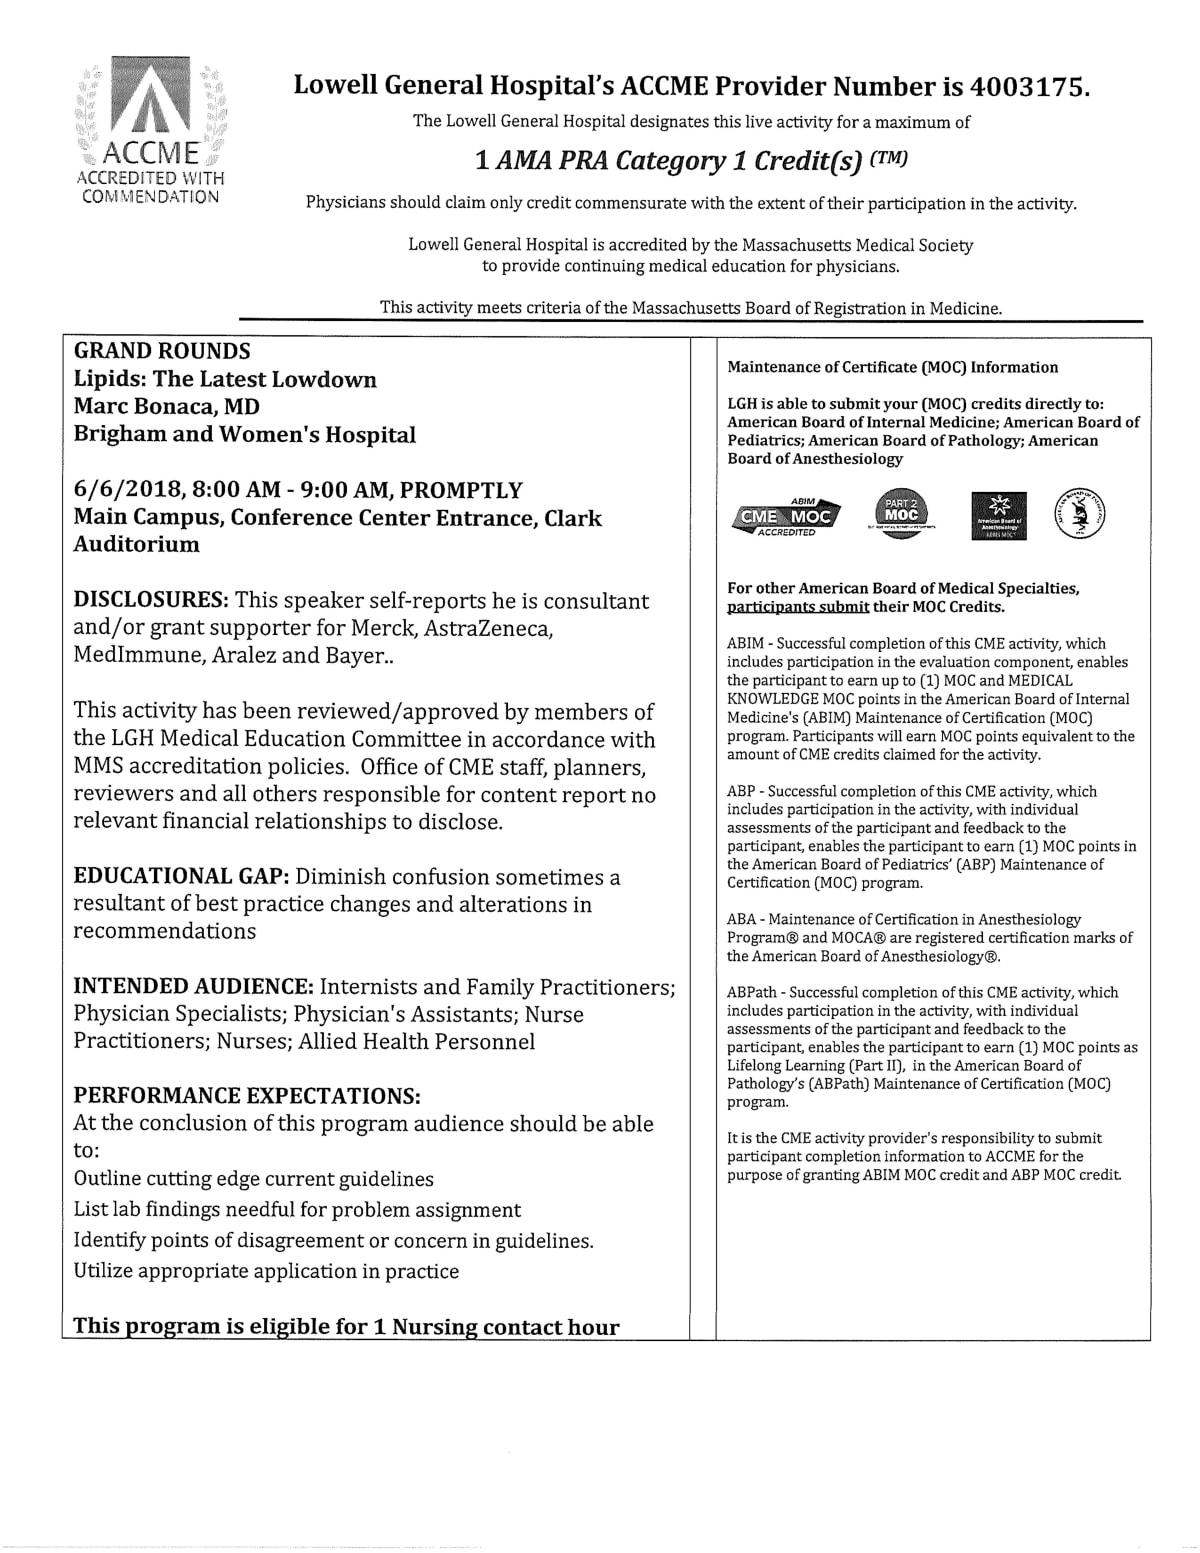 Lipids: The Latest Lowdown // Lowell General Hospital